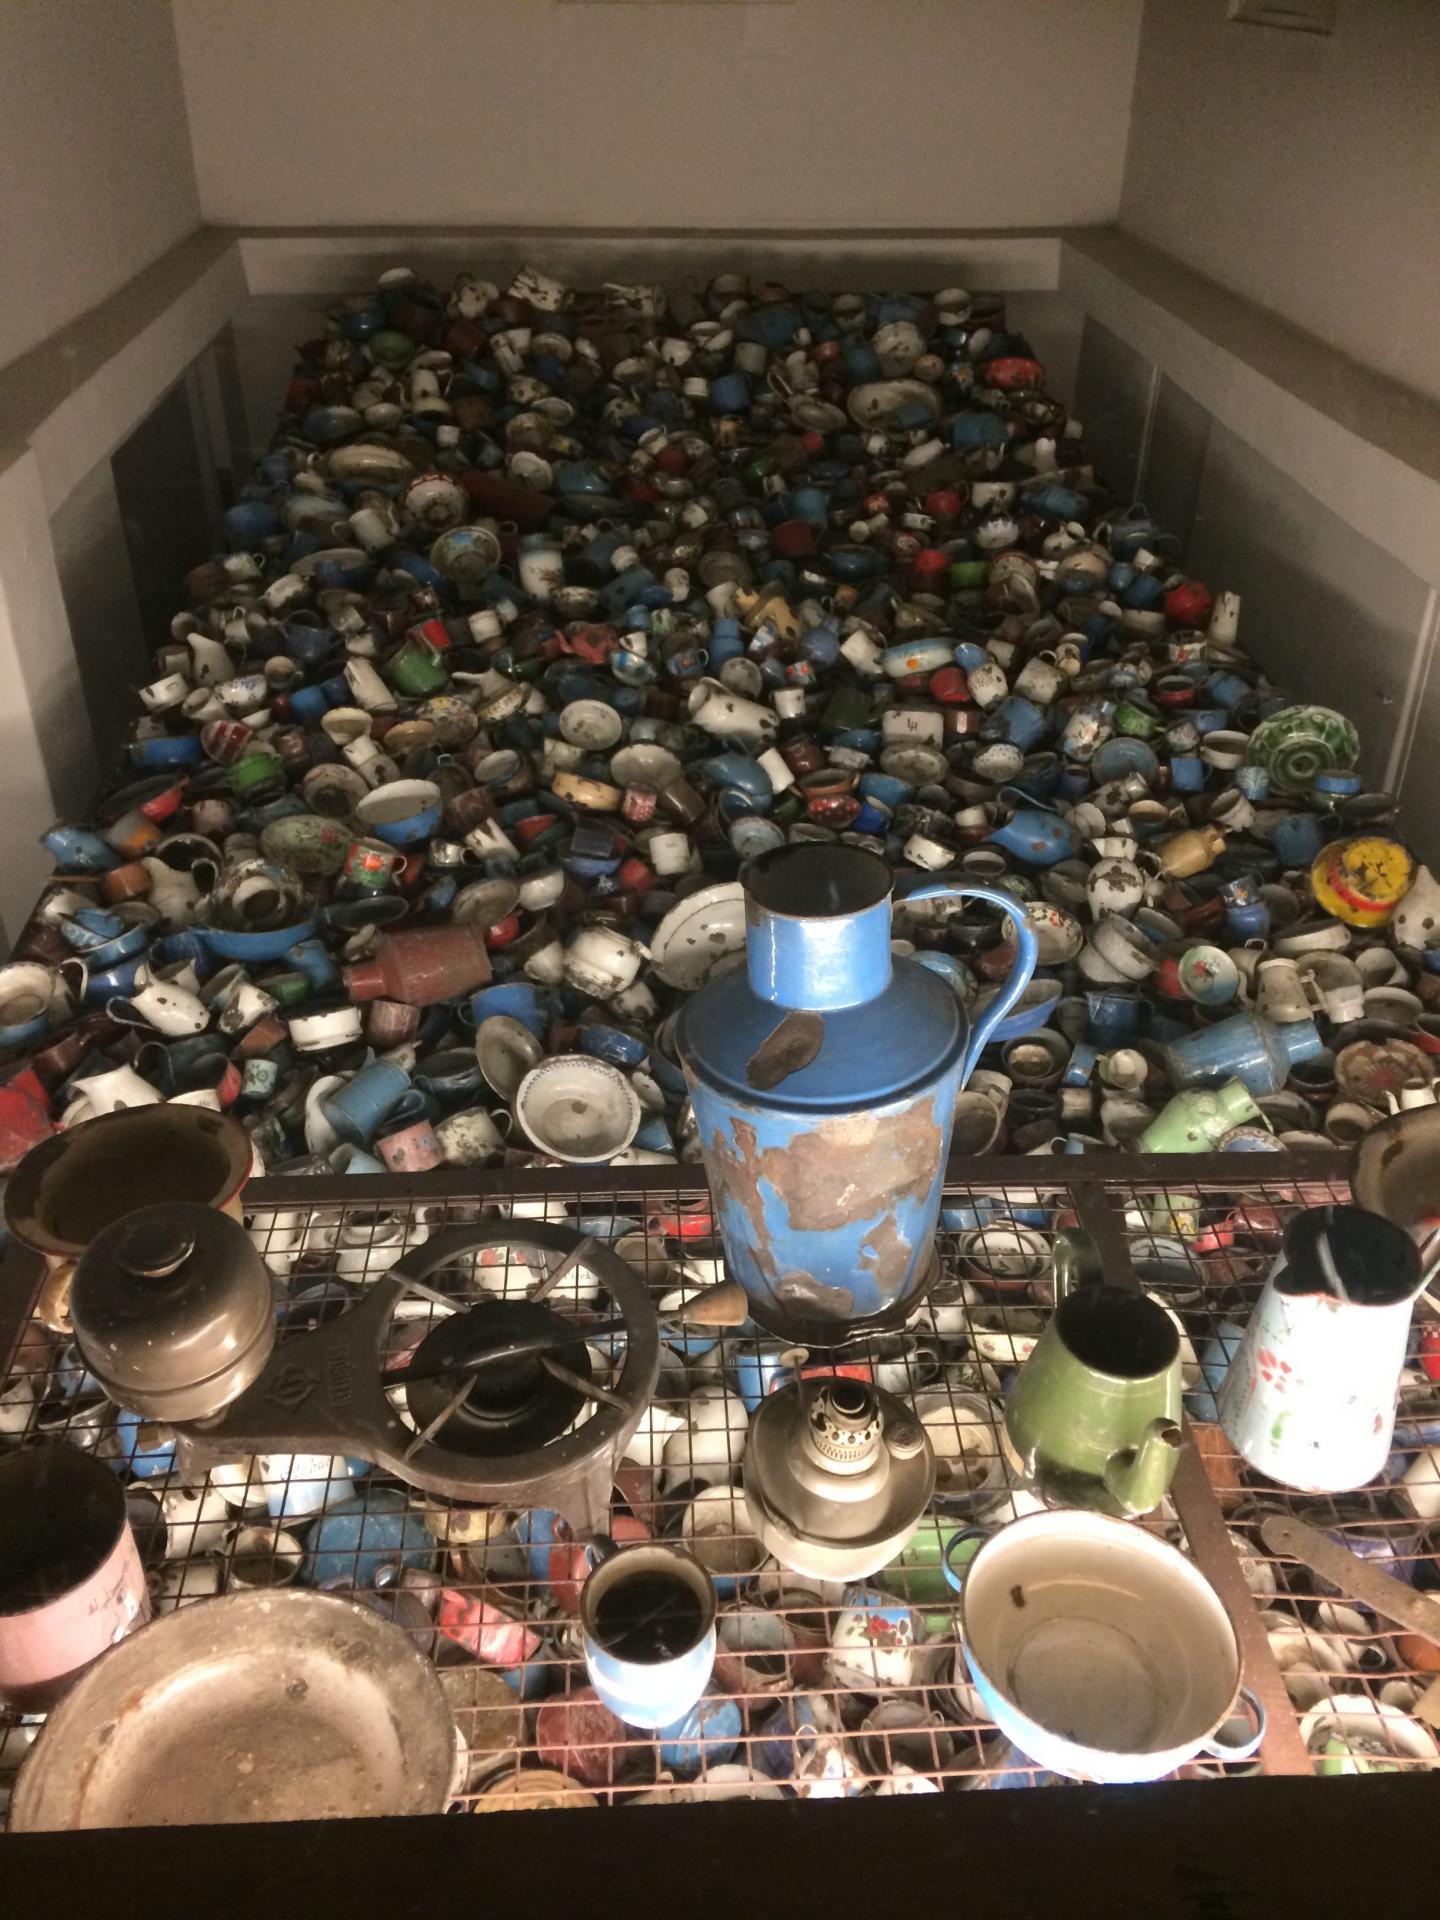 Le spectacle terrifiant des montagnes d'ustensiles de cuisine, de 45 000 paires de chaussures et deux tonnes de cheveux donne le frisson.